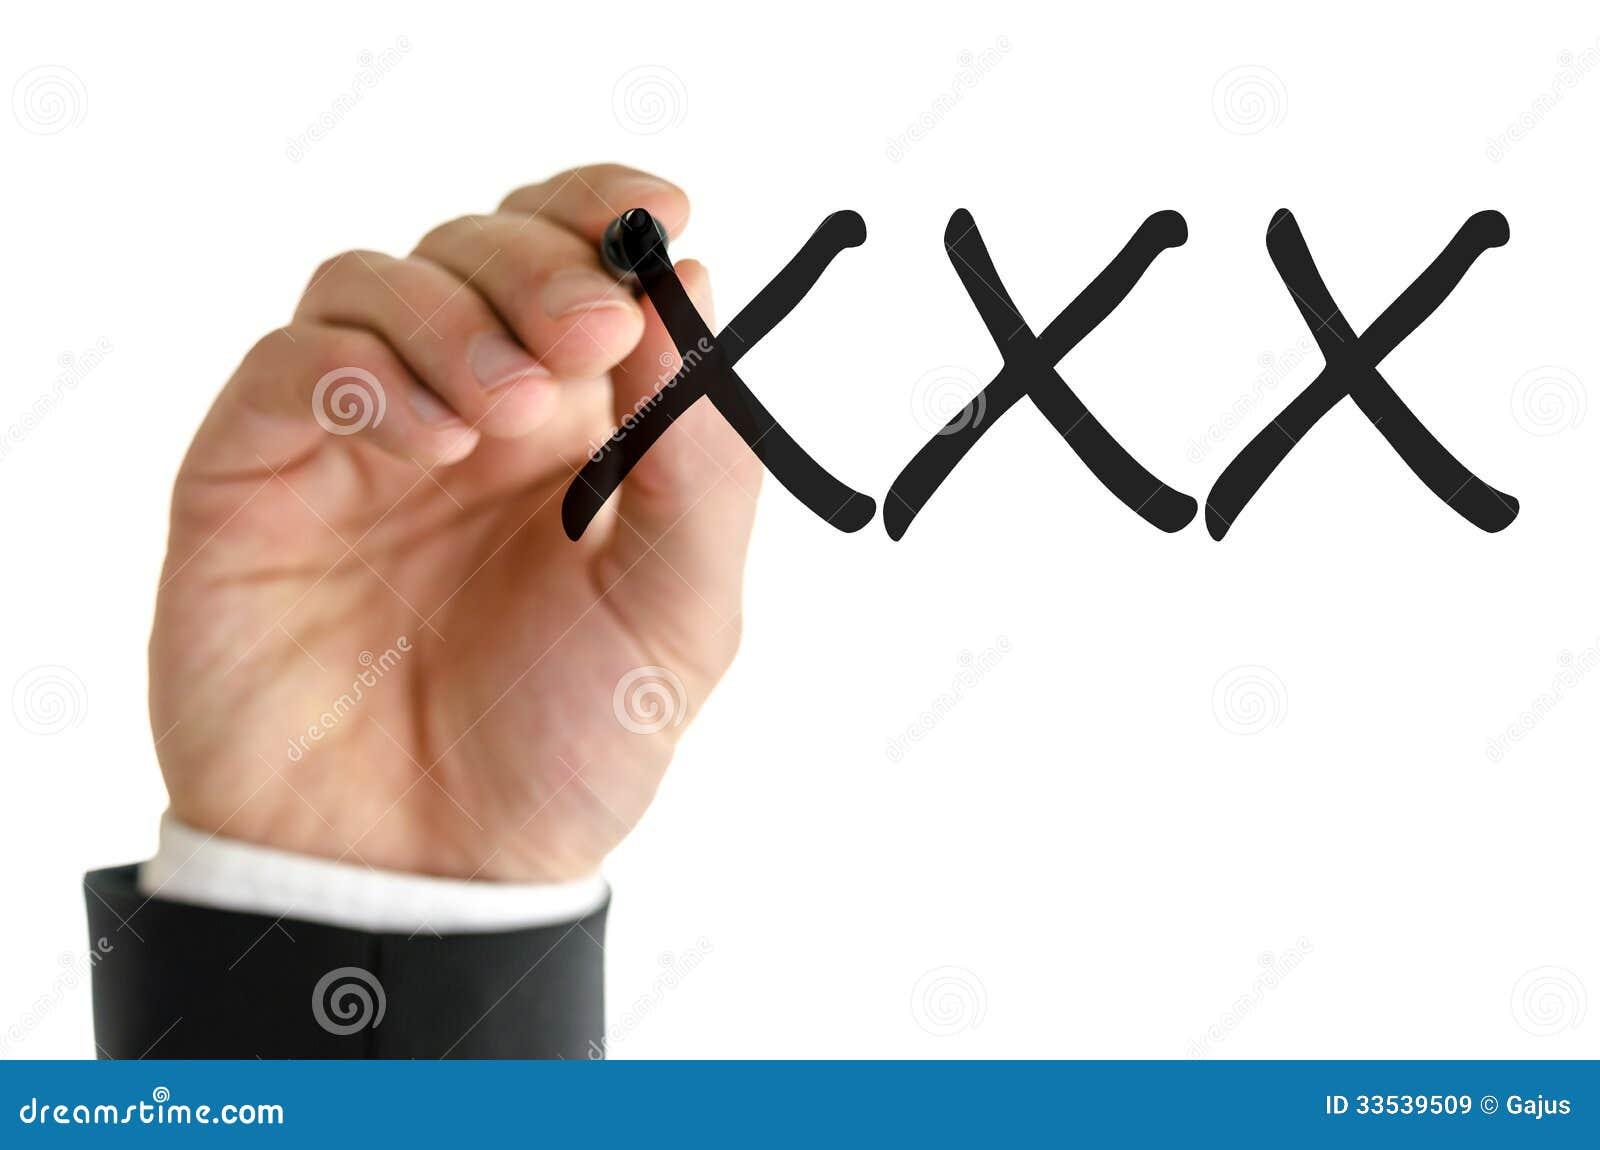 Xxx Writing 39